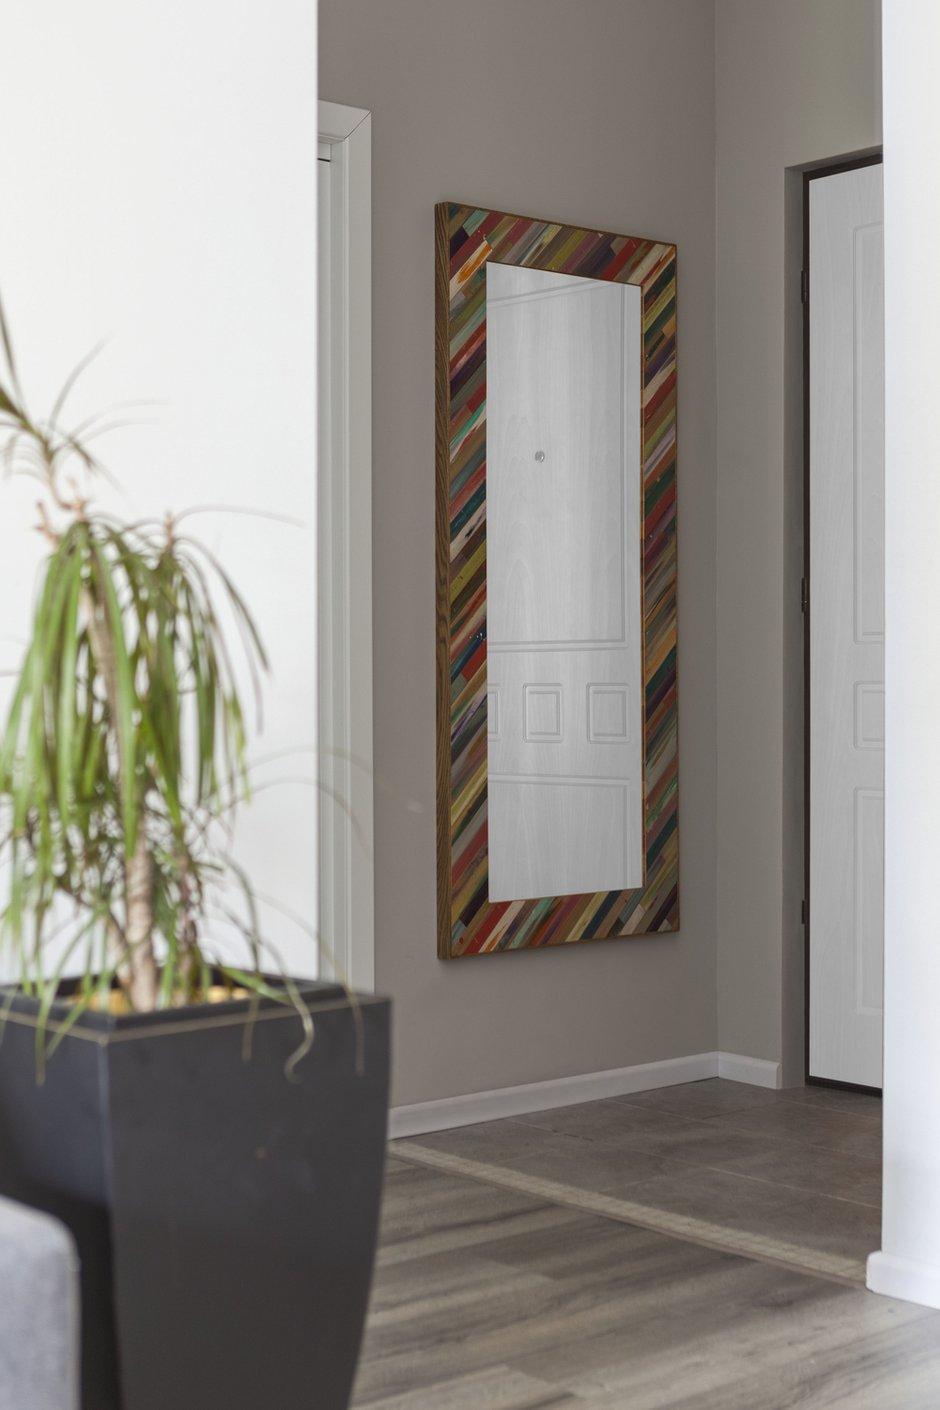 Фотография: Прихожая в стиле Современный, Малогабаритная квартира, Квартира, Проект недели, Москва, Монолитный дом, 2 комнаты, до 40 метров, Юлия Беляева – фото на INMYROOM